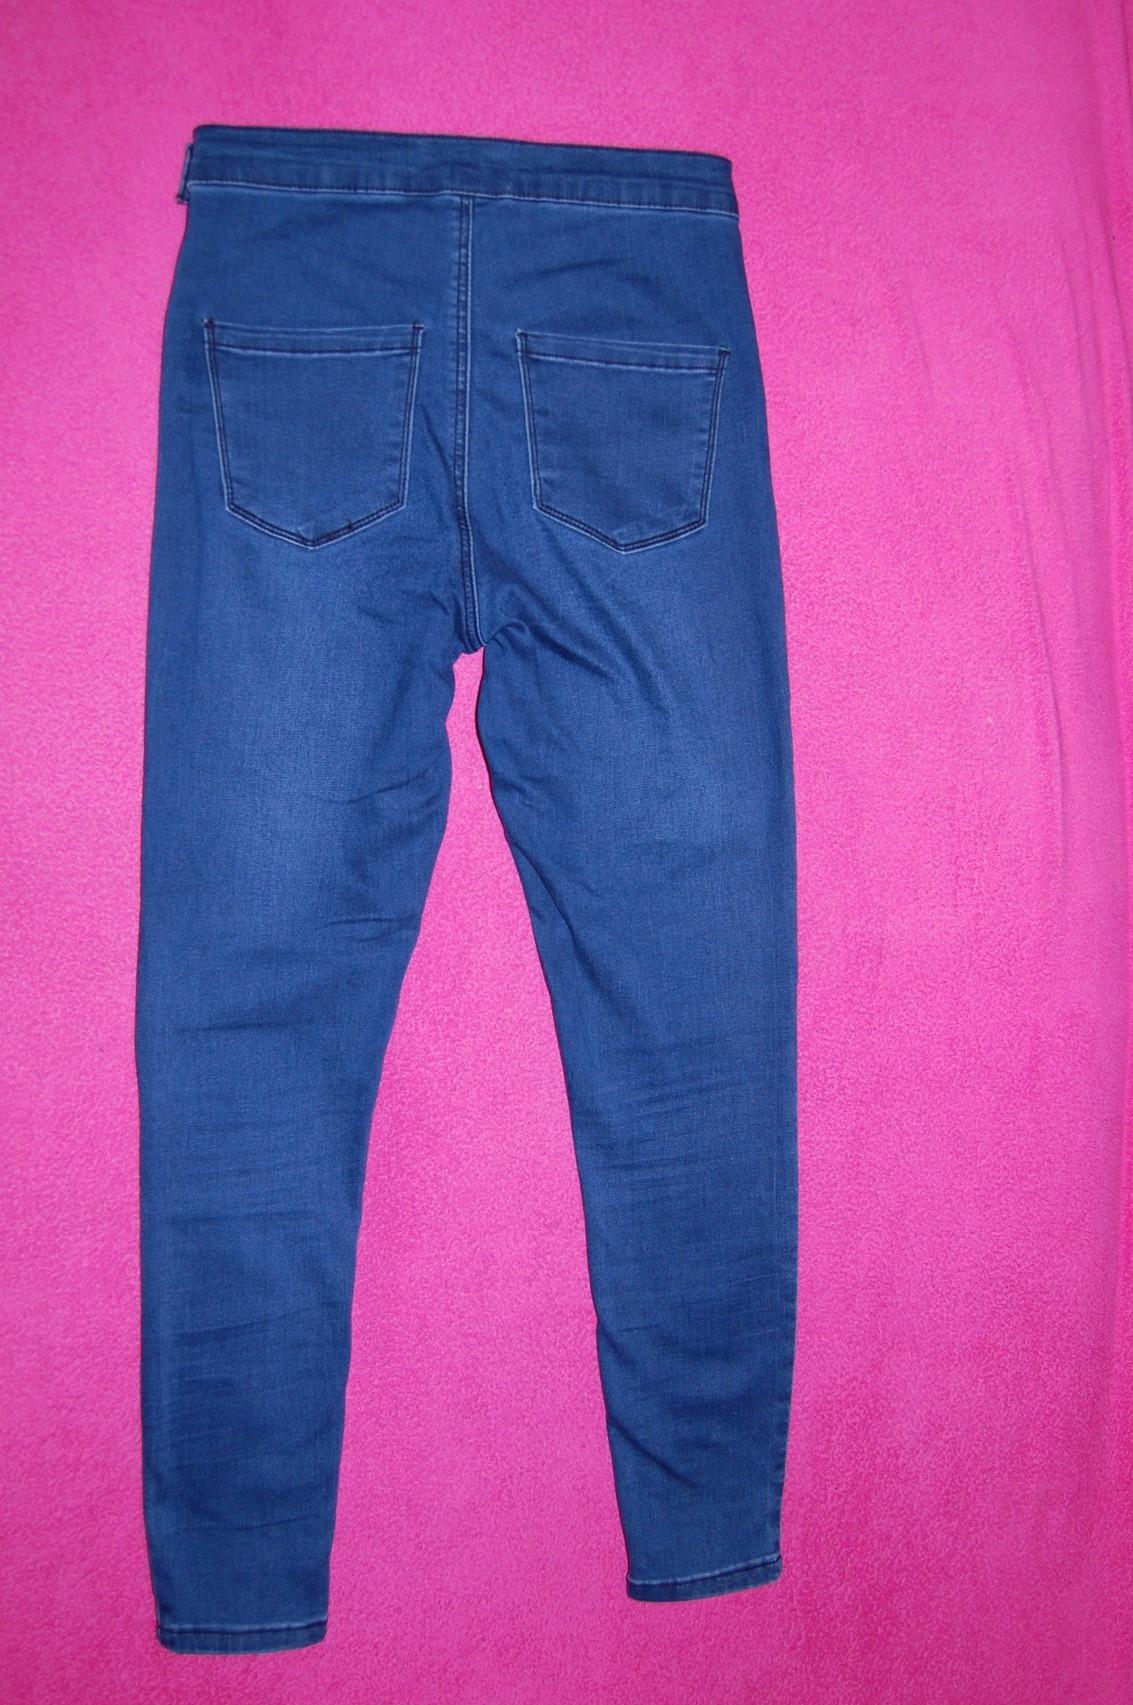 0a67e8a4bb5b Spodnie skinny rurki zamek Asos 40-42 - 7667637746 - oficjalne ...